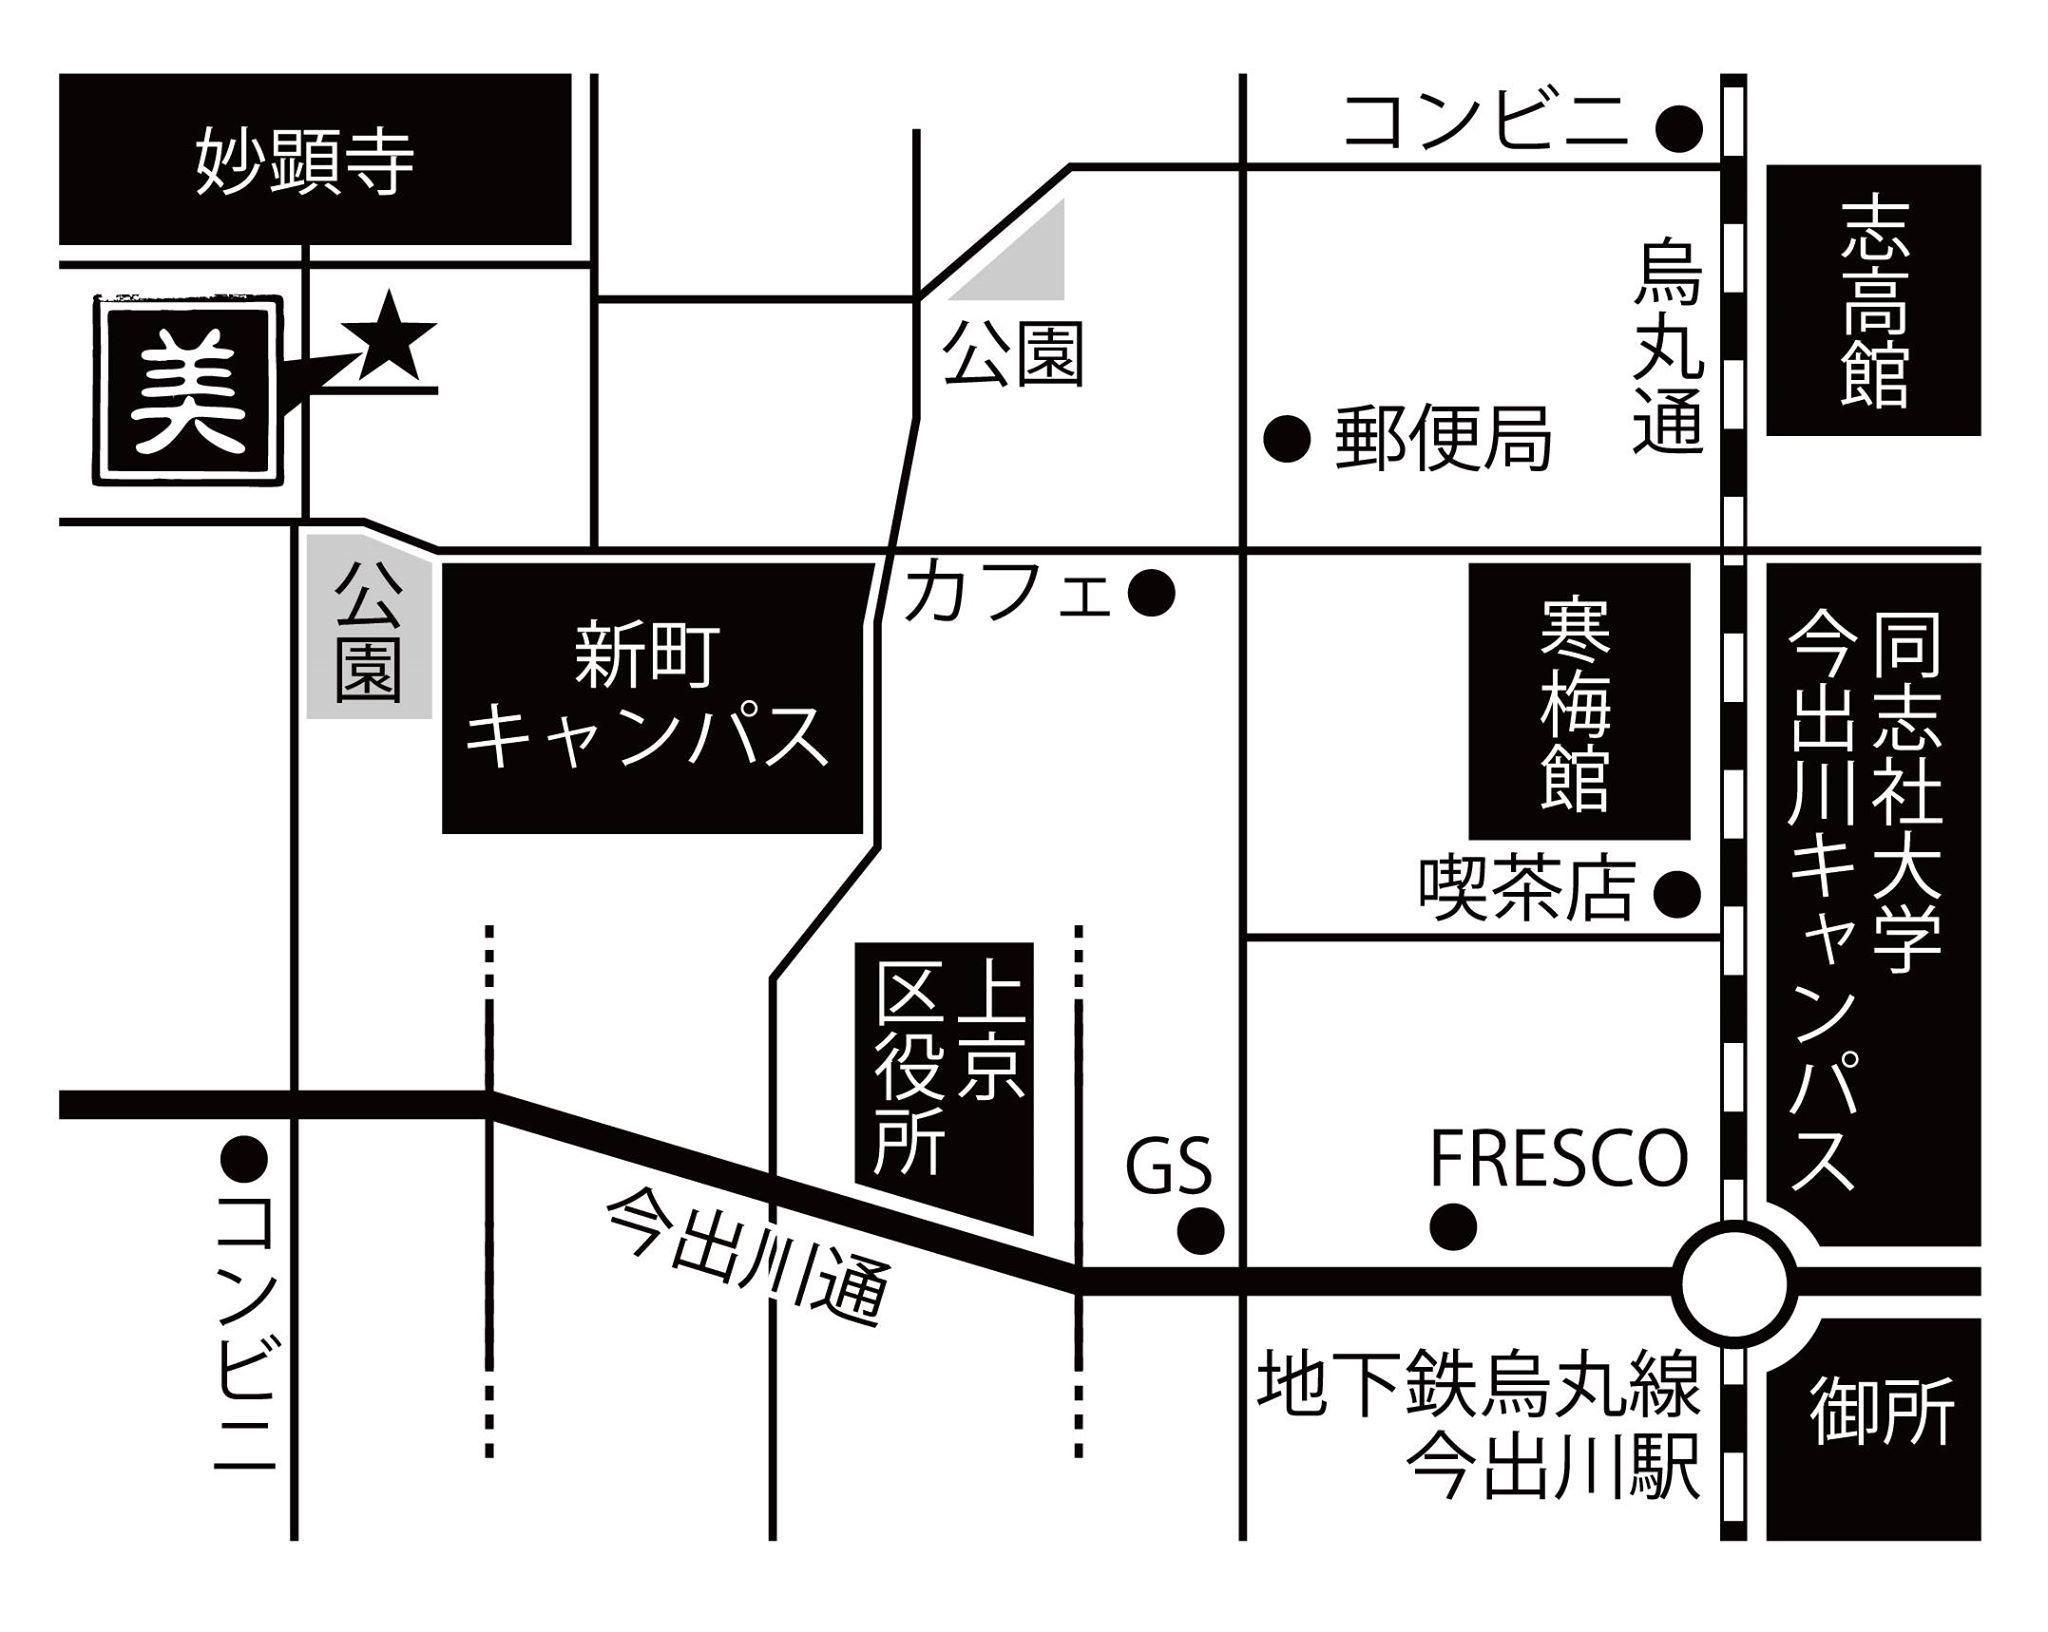 《つげ忠男×中里和人 二人展 初源の風景》4月に会期延長のお知らせ。_b0165526_08262761.jpg